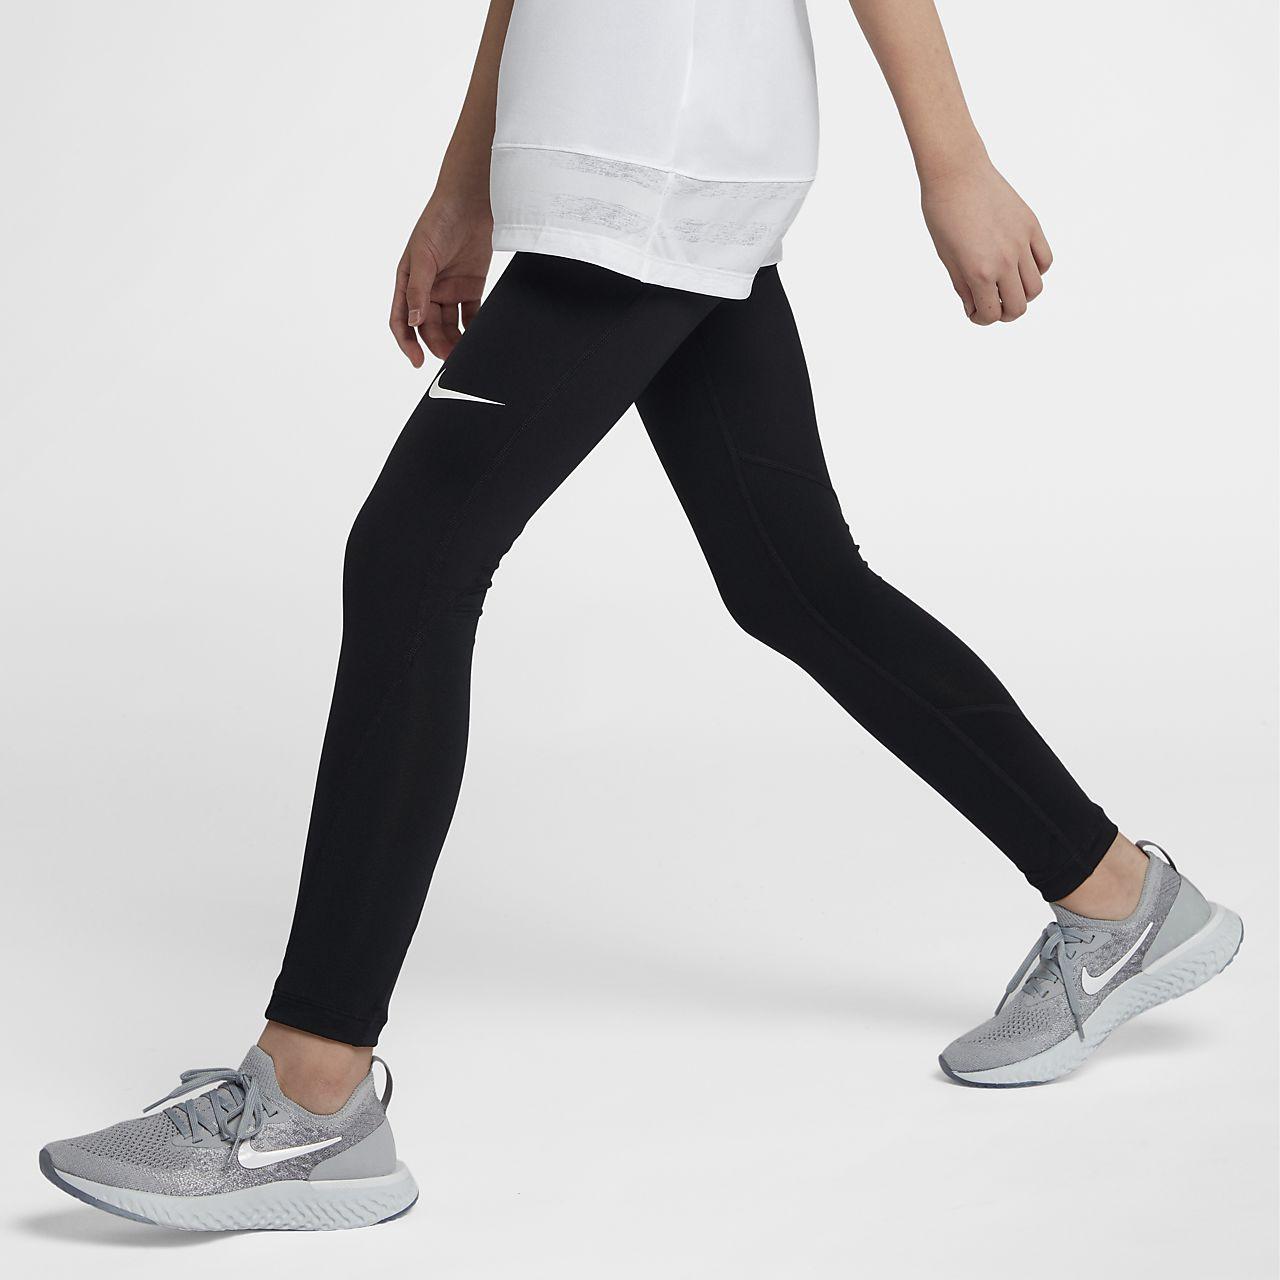 2abafd297ec Nike Pro - træningstights til store børn (piger). Nike.com DK